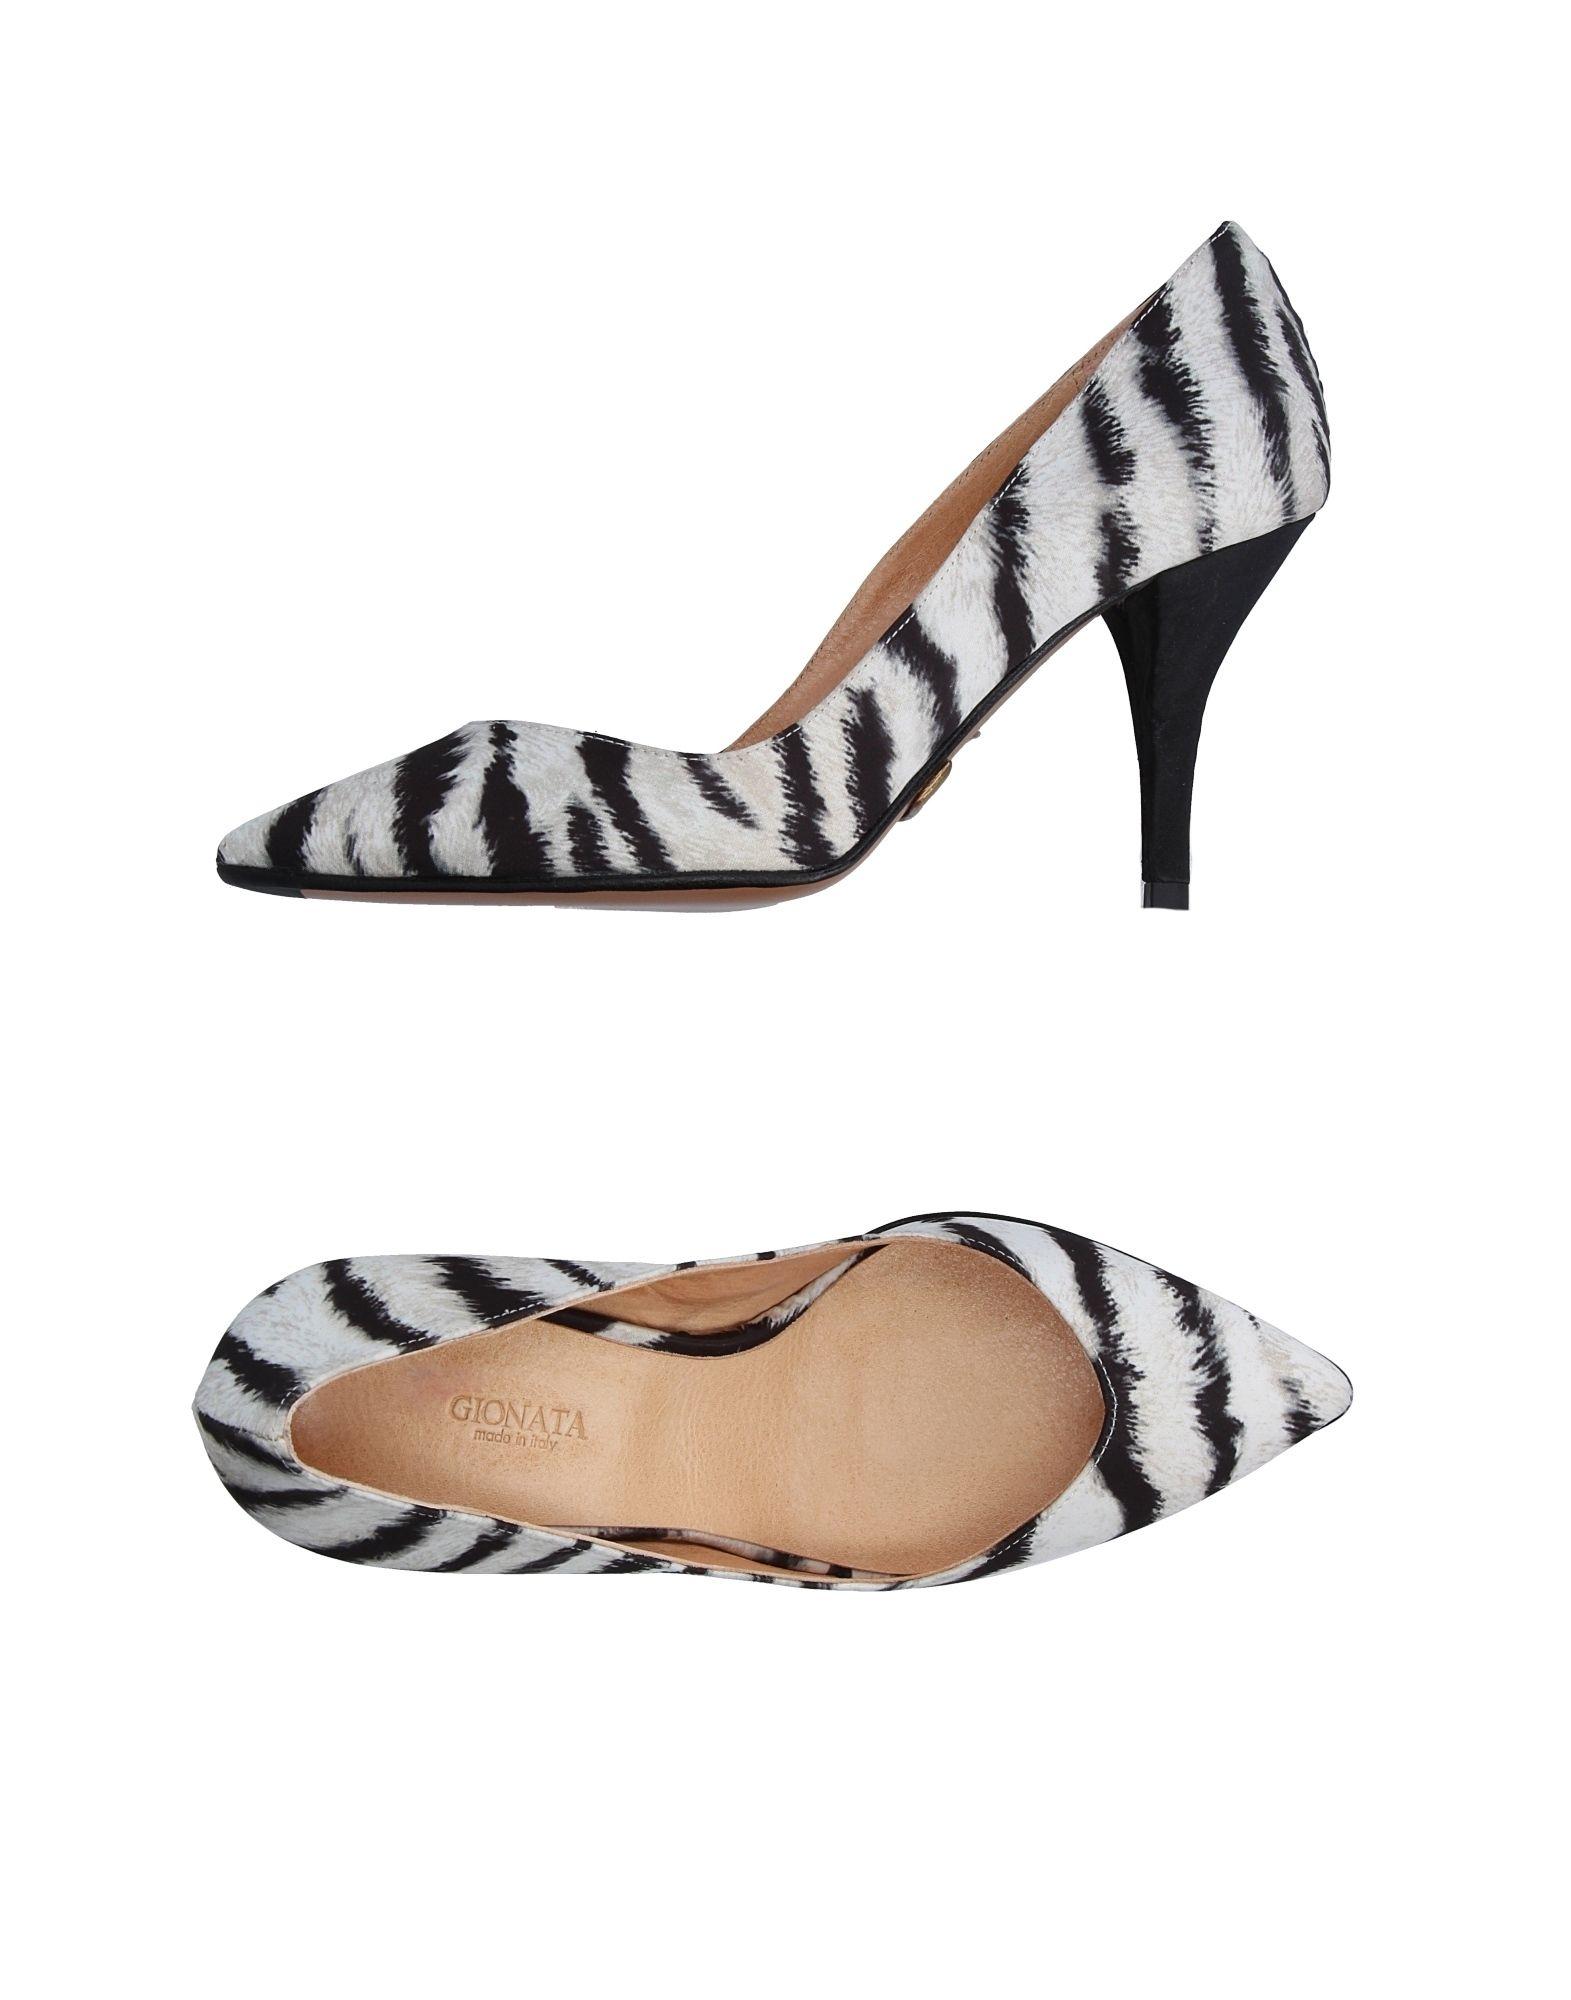 где купить GIONATA Туфли по лучшей цене